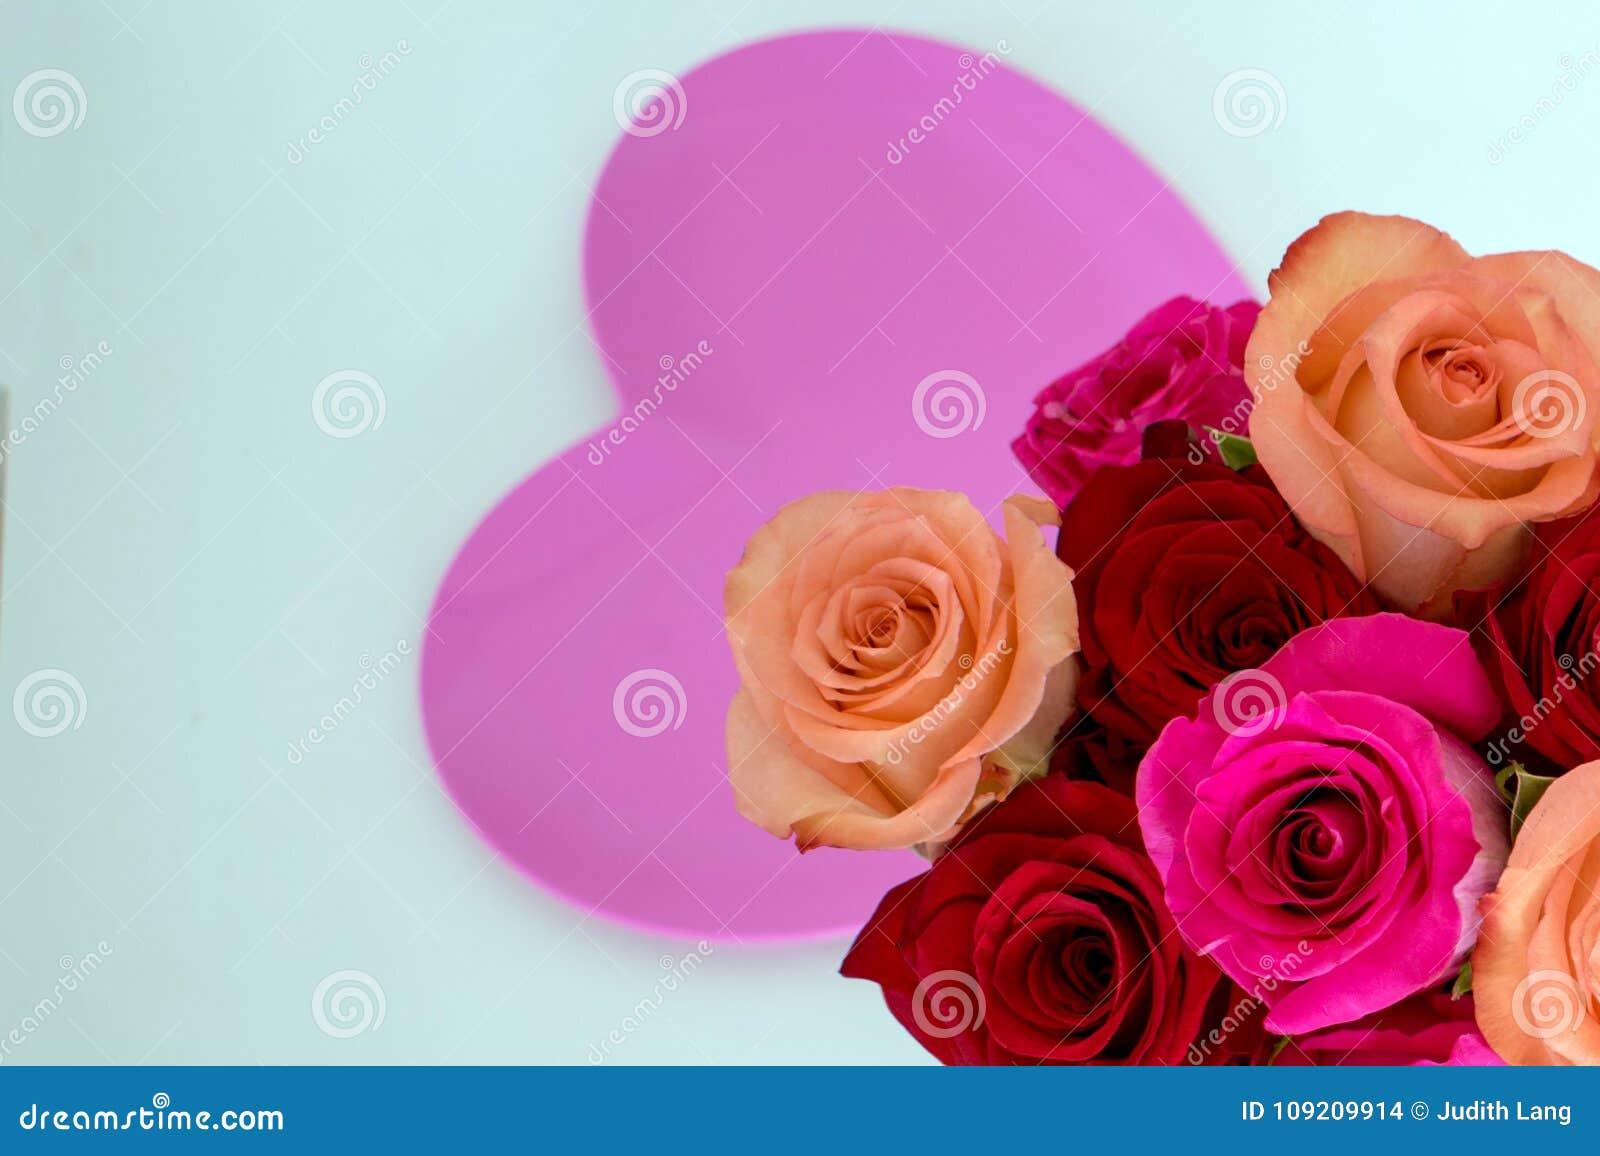 Ρόδινη καρδιά στο κέντρο με τα ρόδινα και κόκκινα τριαντάφυλλα στη δεξιά γωνία